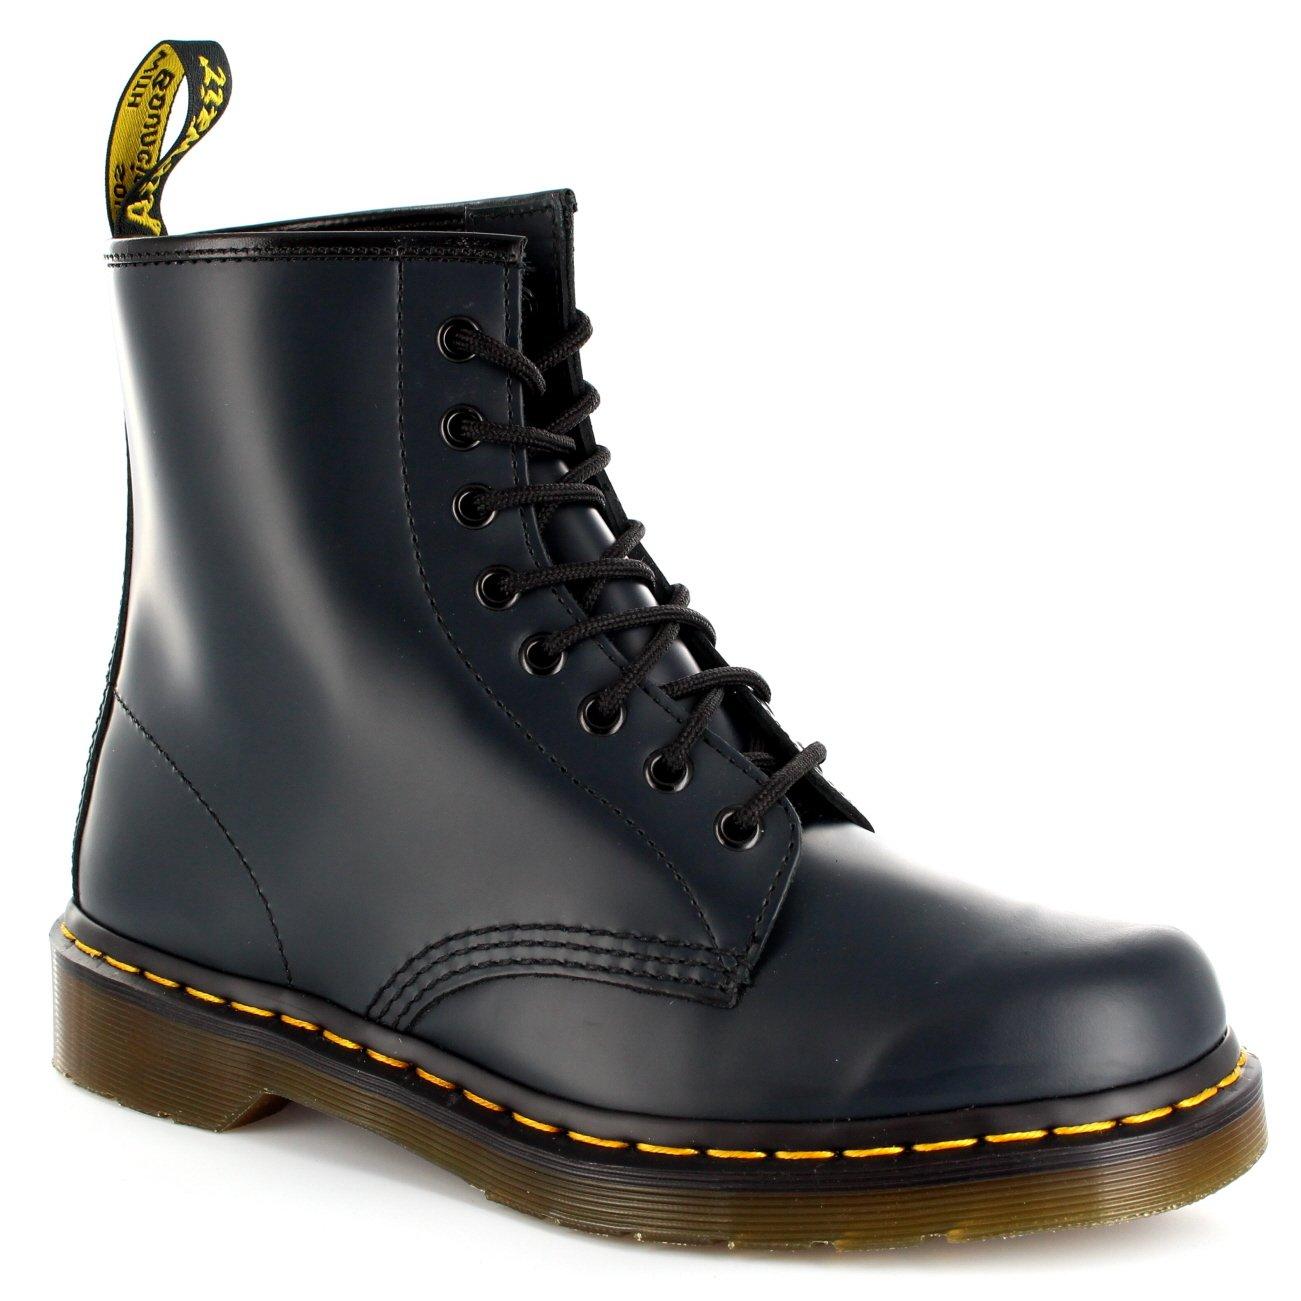 Dr. Martens 1460, Unisex-Erwachsene Stiefel  | Verkaufspreis